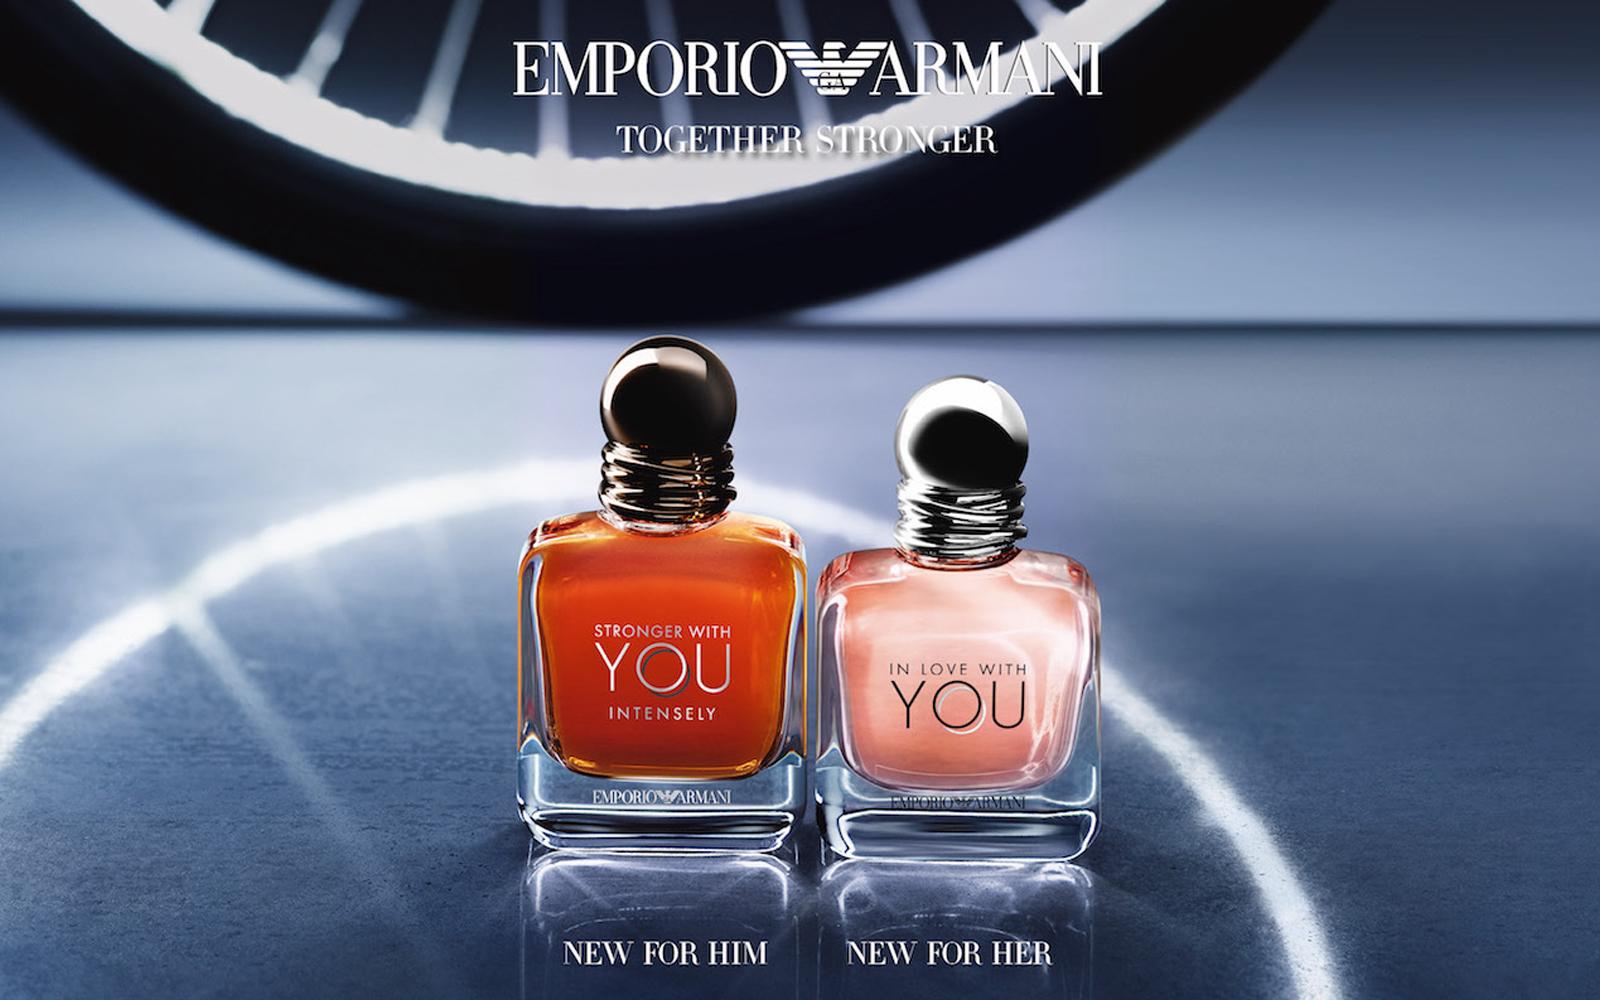 EMPORIO ARMANI: ''Together Stronger'', ljubavna priča se nastavlja...